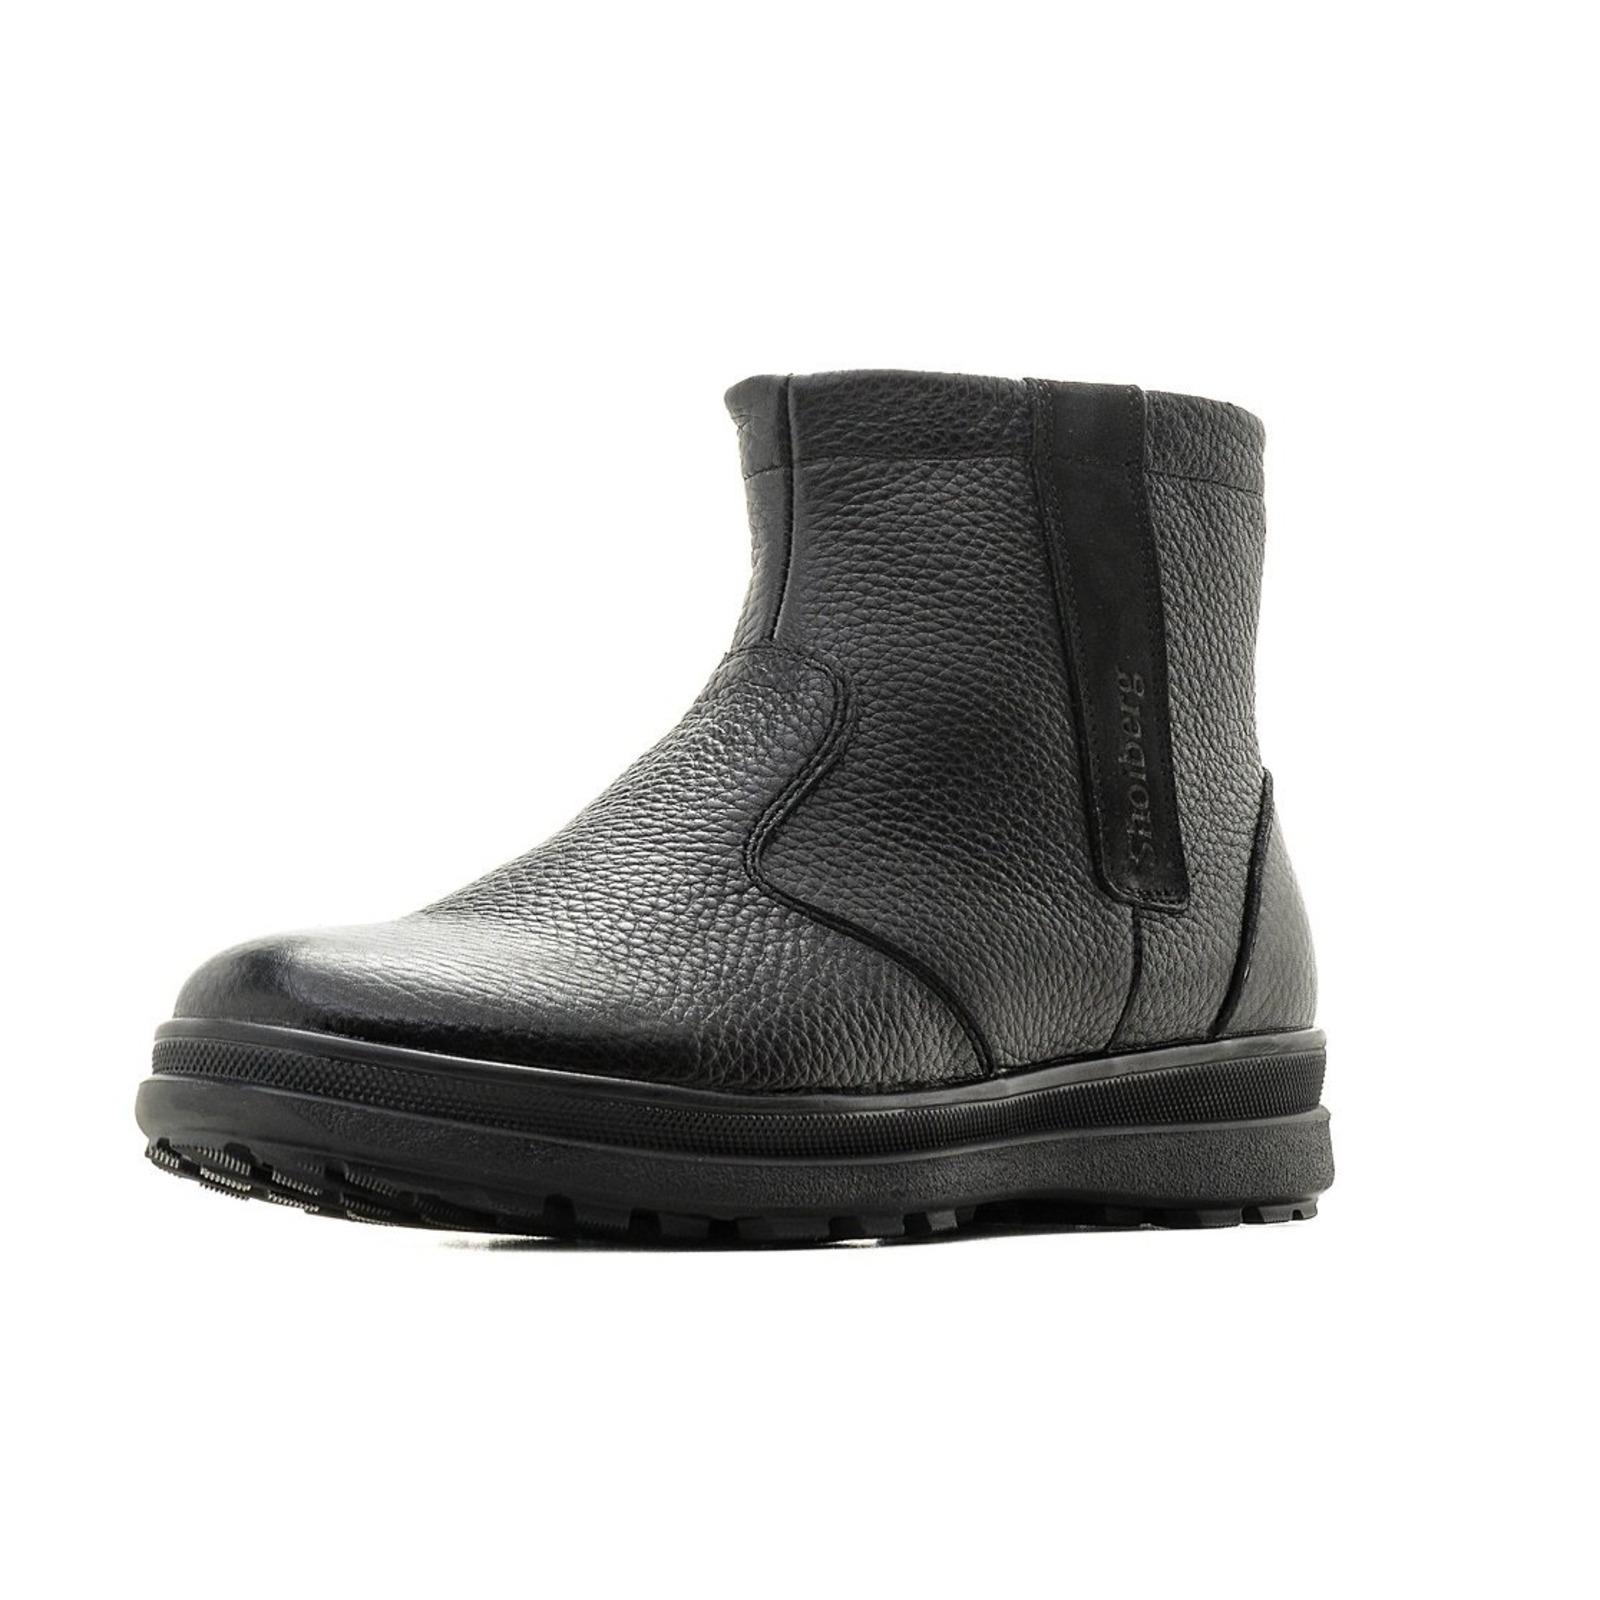 Мужские ботинки со вставкой из велюра